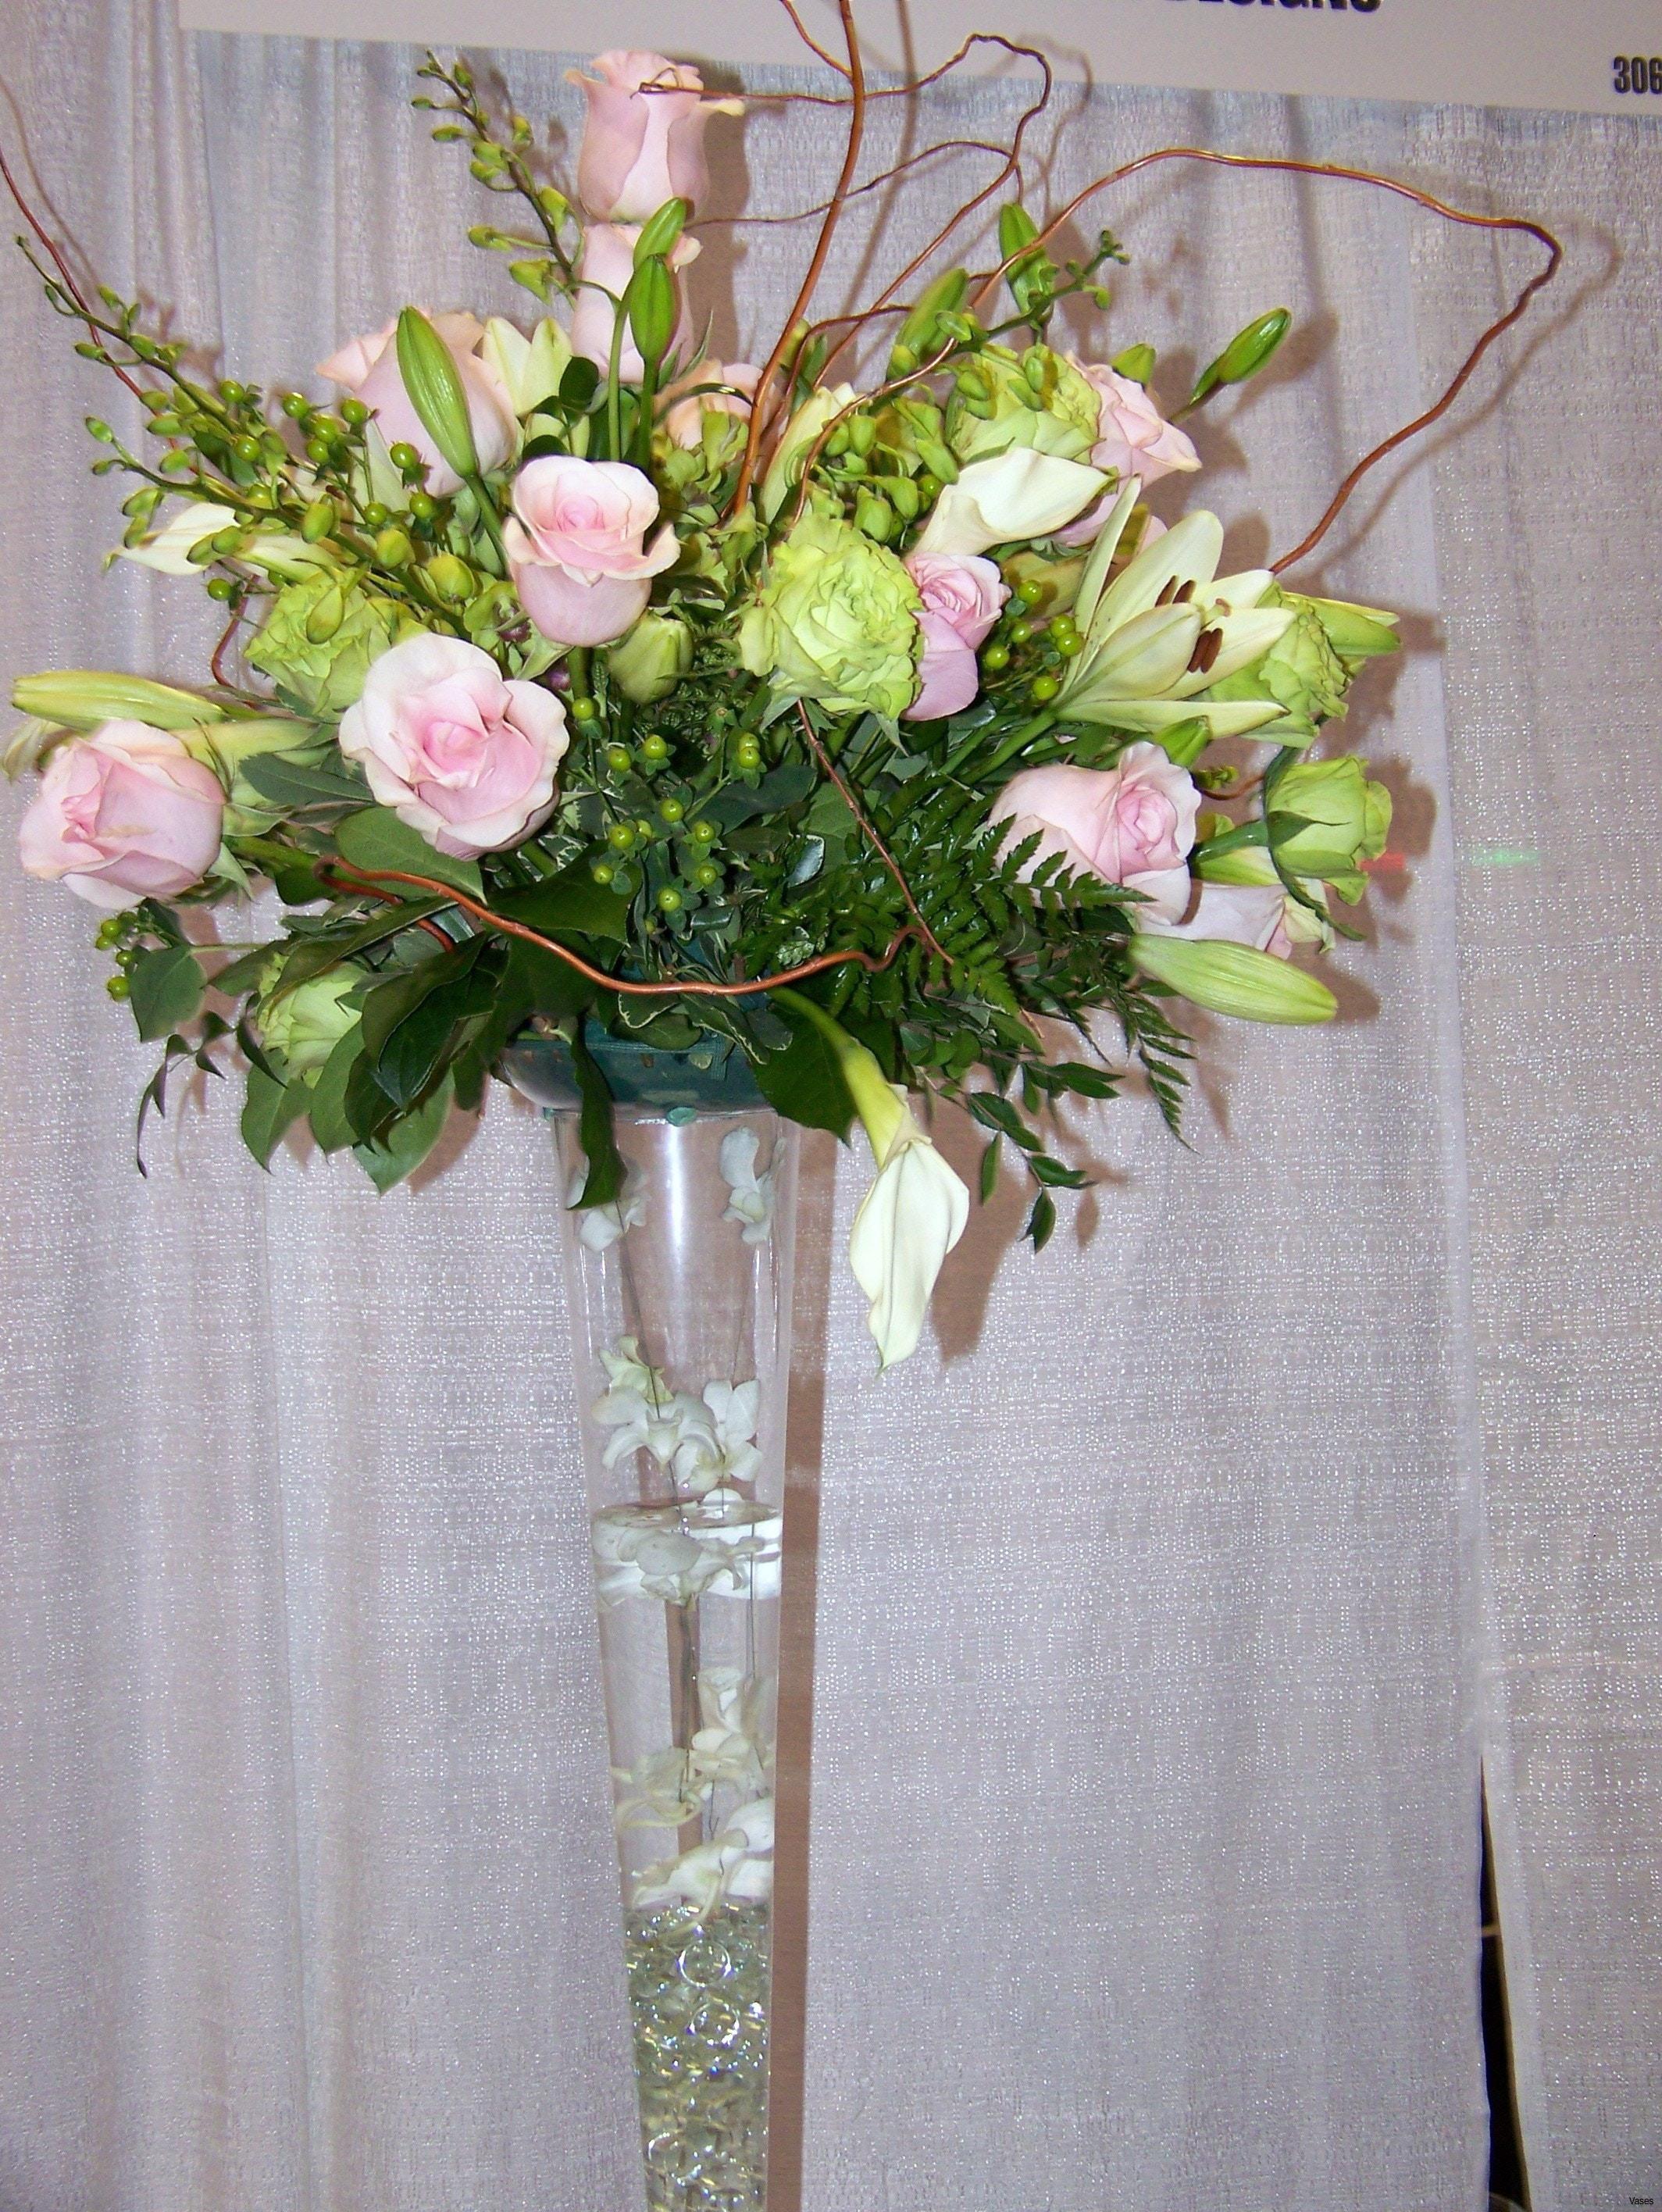 carnival glass vase of granite flower vases stock vases funeral carnival glass vasesi 0d with regard to granite flower vases stock vases funeral carnival glass vasesi 0d granite flower antique scheme